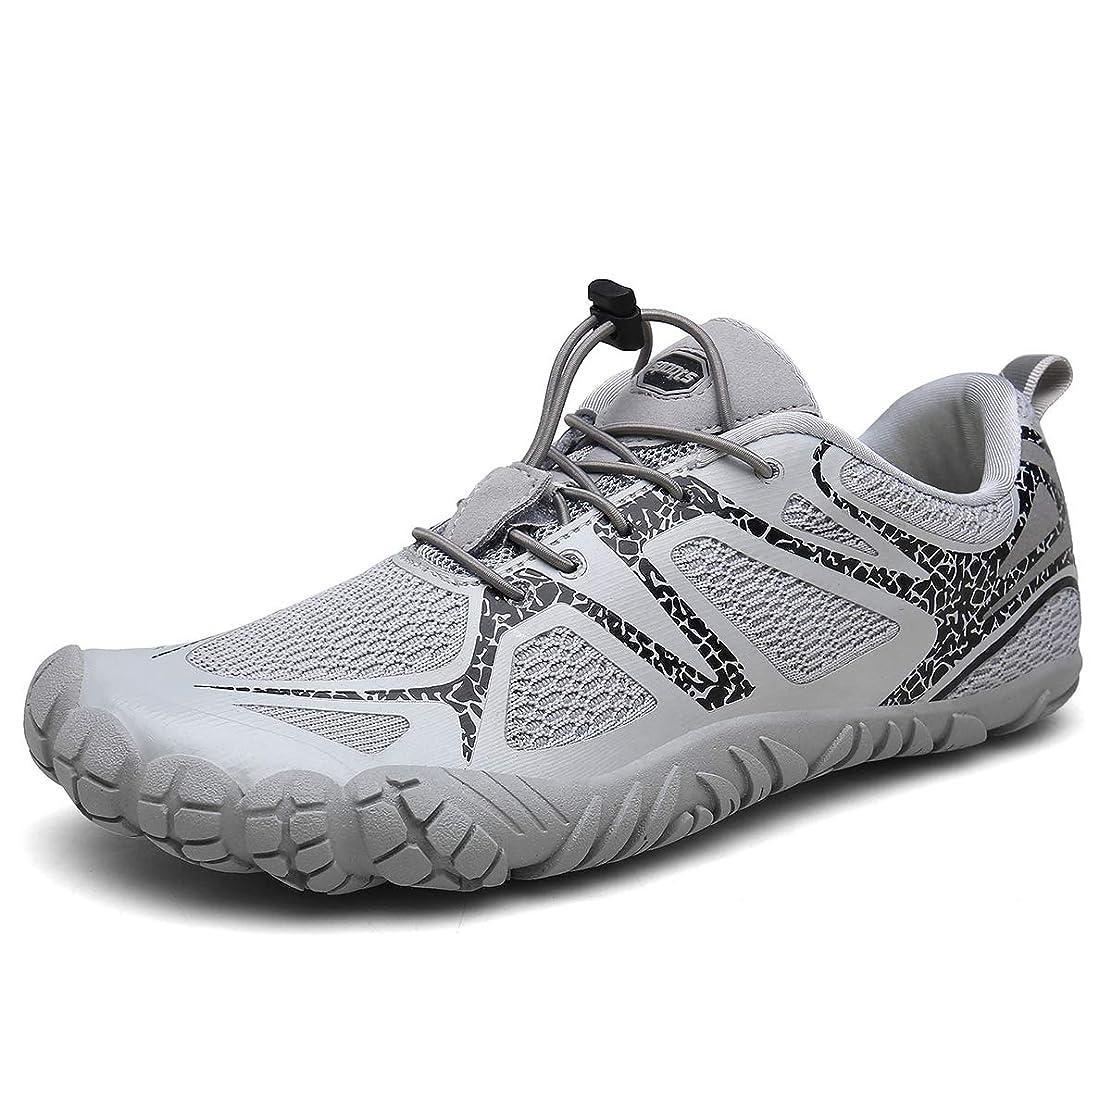 独立して力渦[Zcoli] ランニングシューズ メンズ 軽量 トレーニングシューズ レディース フィットネスシューズ 通気 ウォーキングシューズ フィットネス ジョギング スポーツシューズ